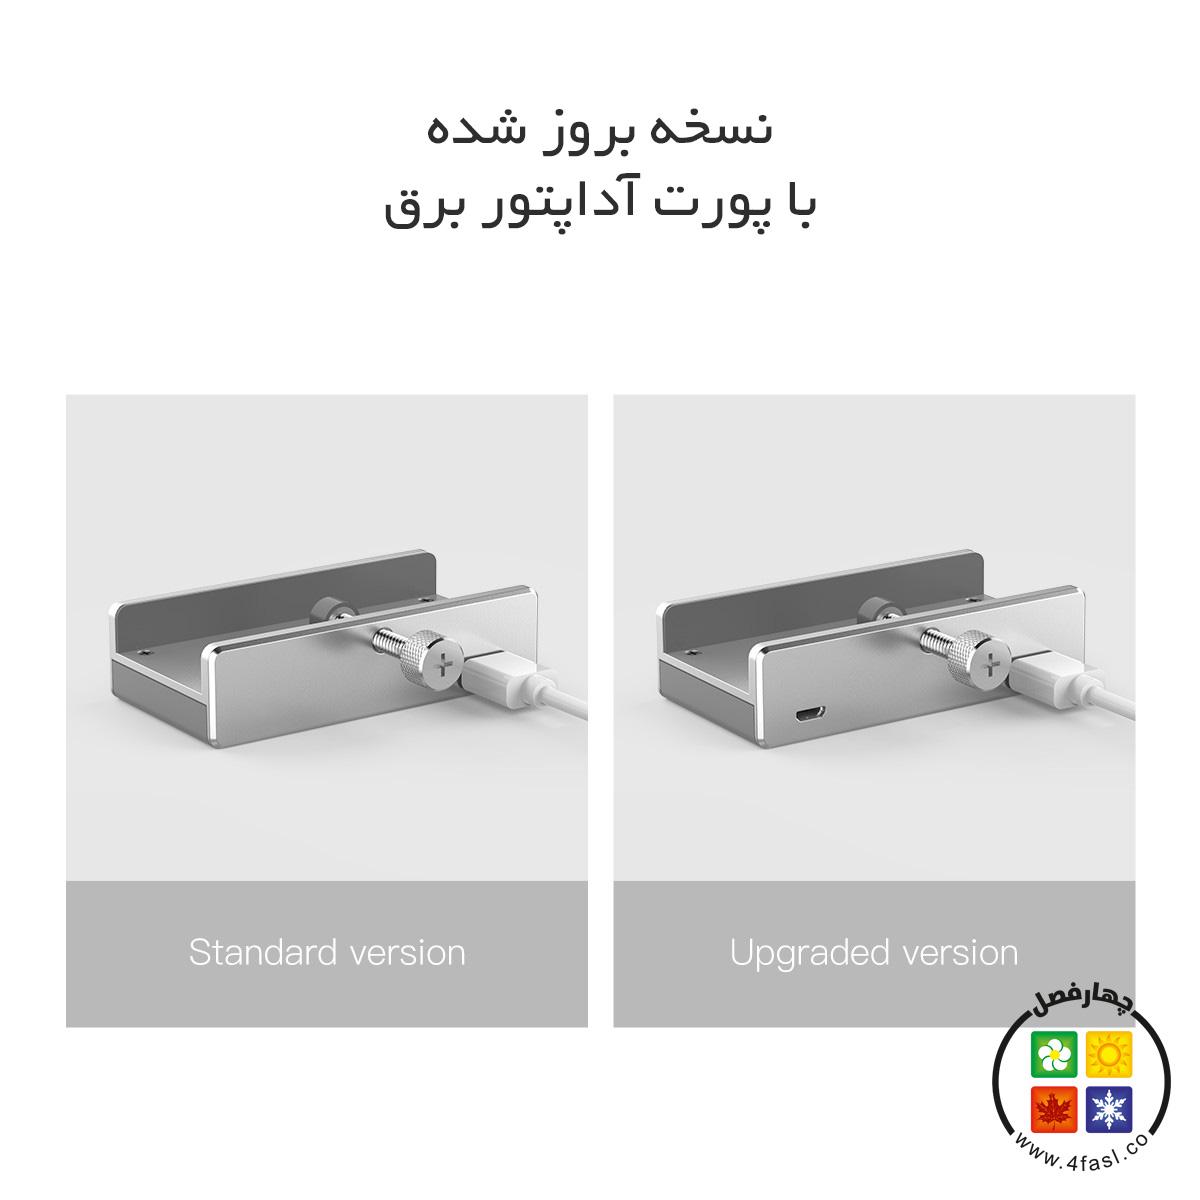 هاب 4 پورت USB 3.0 فلزی